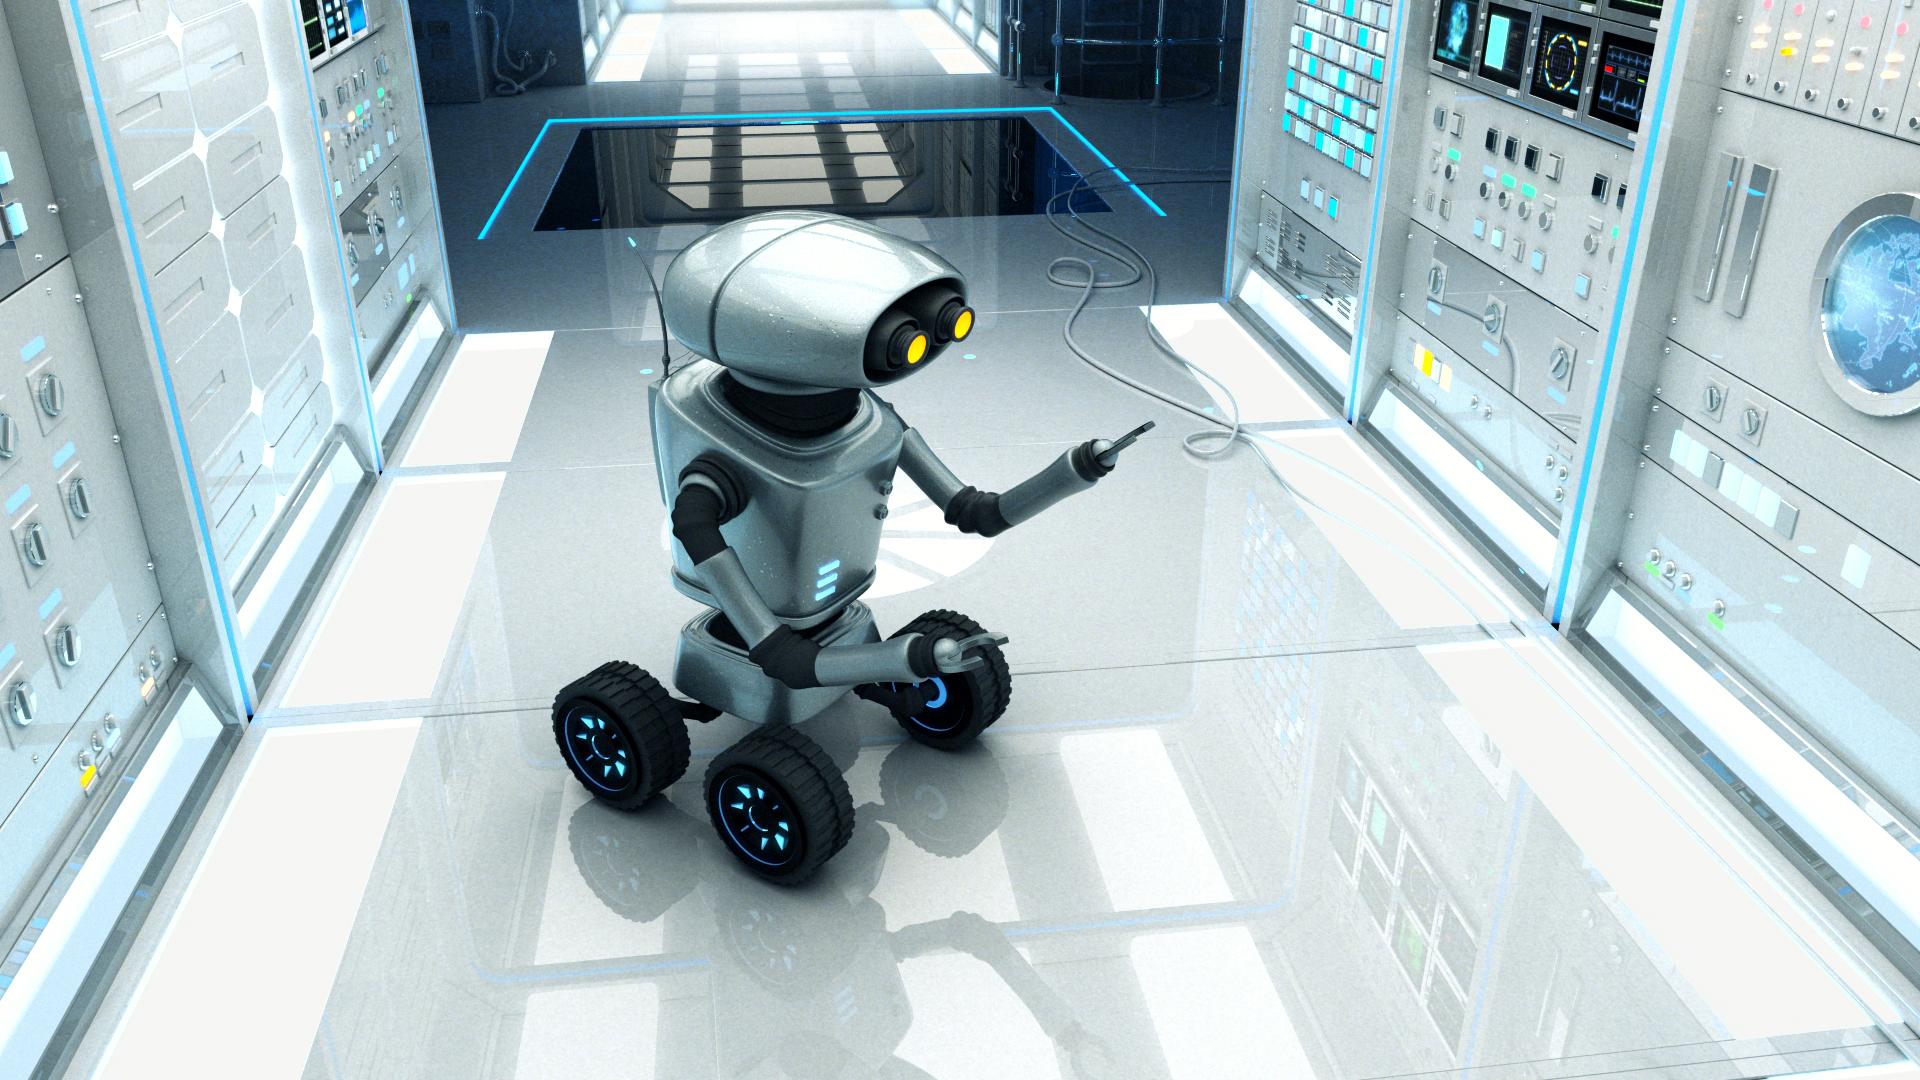 Космические роботы могут получить искусственный интеллект